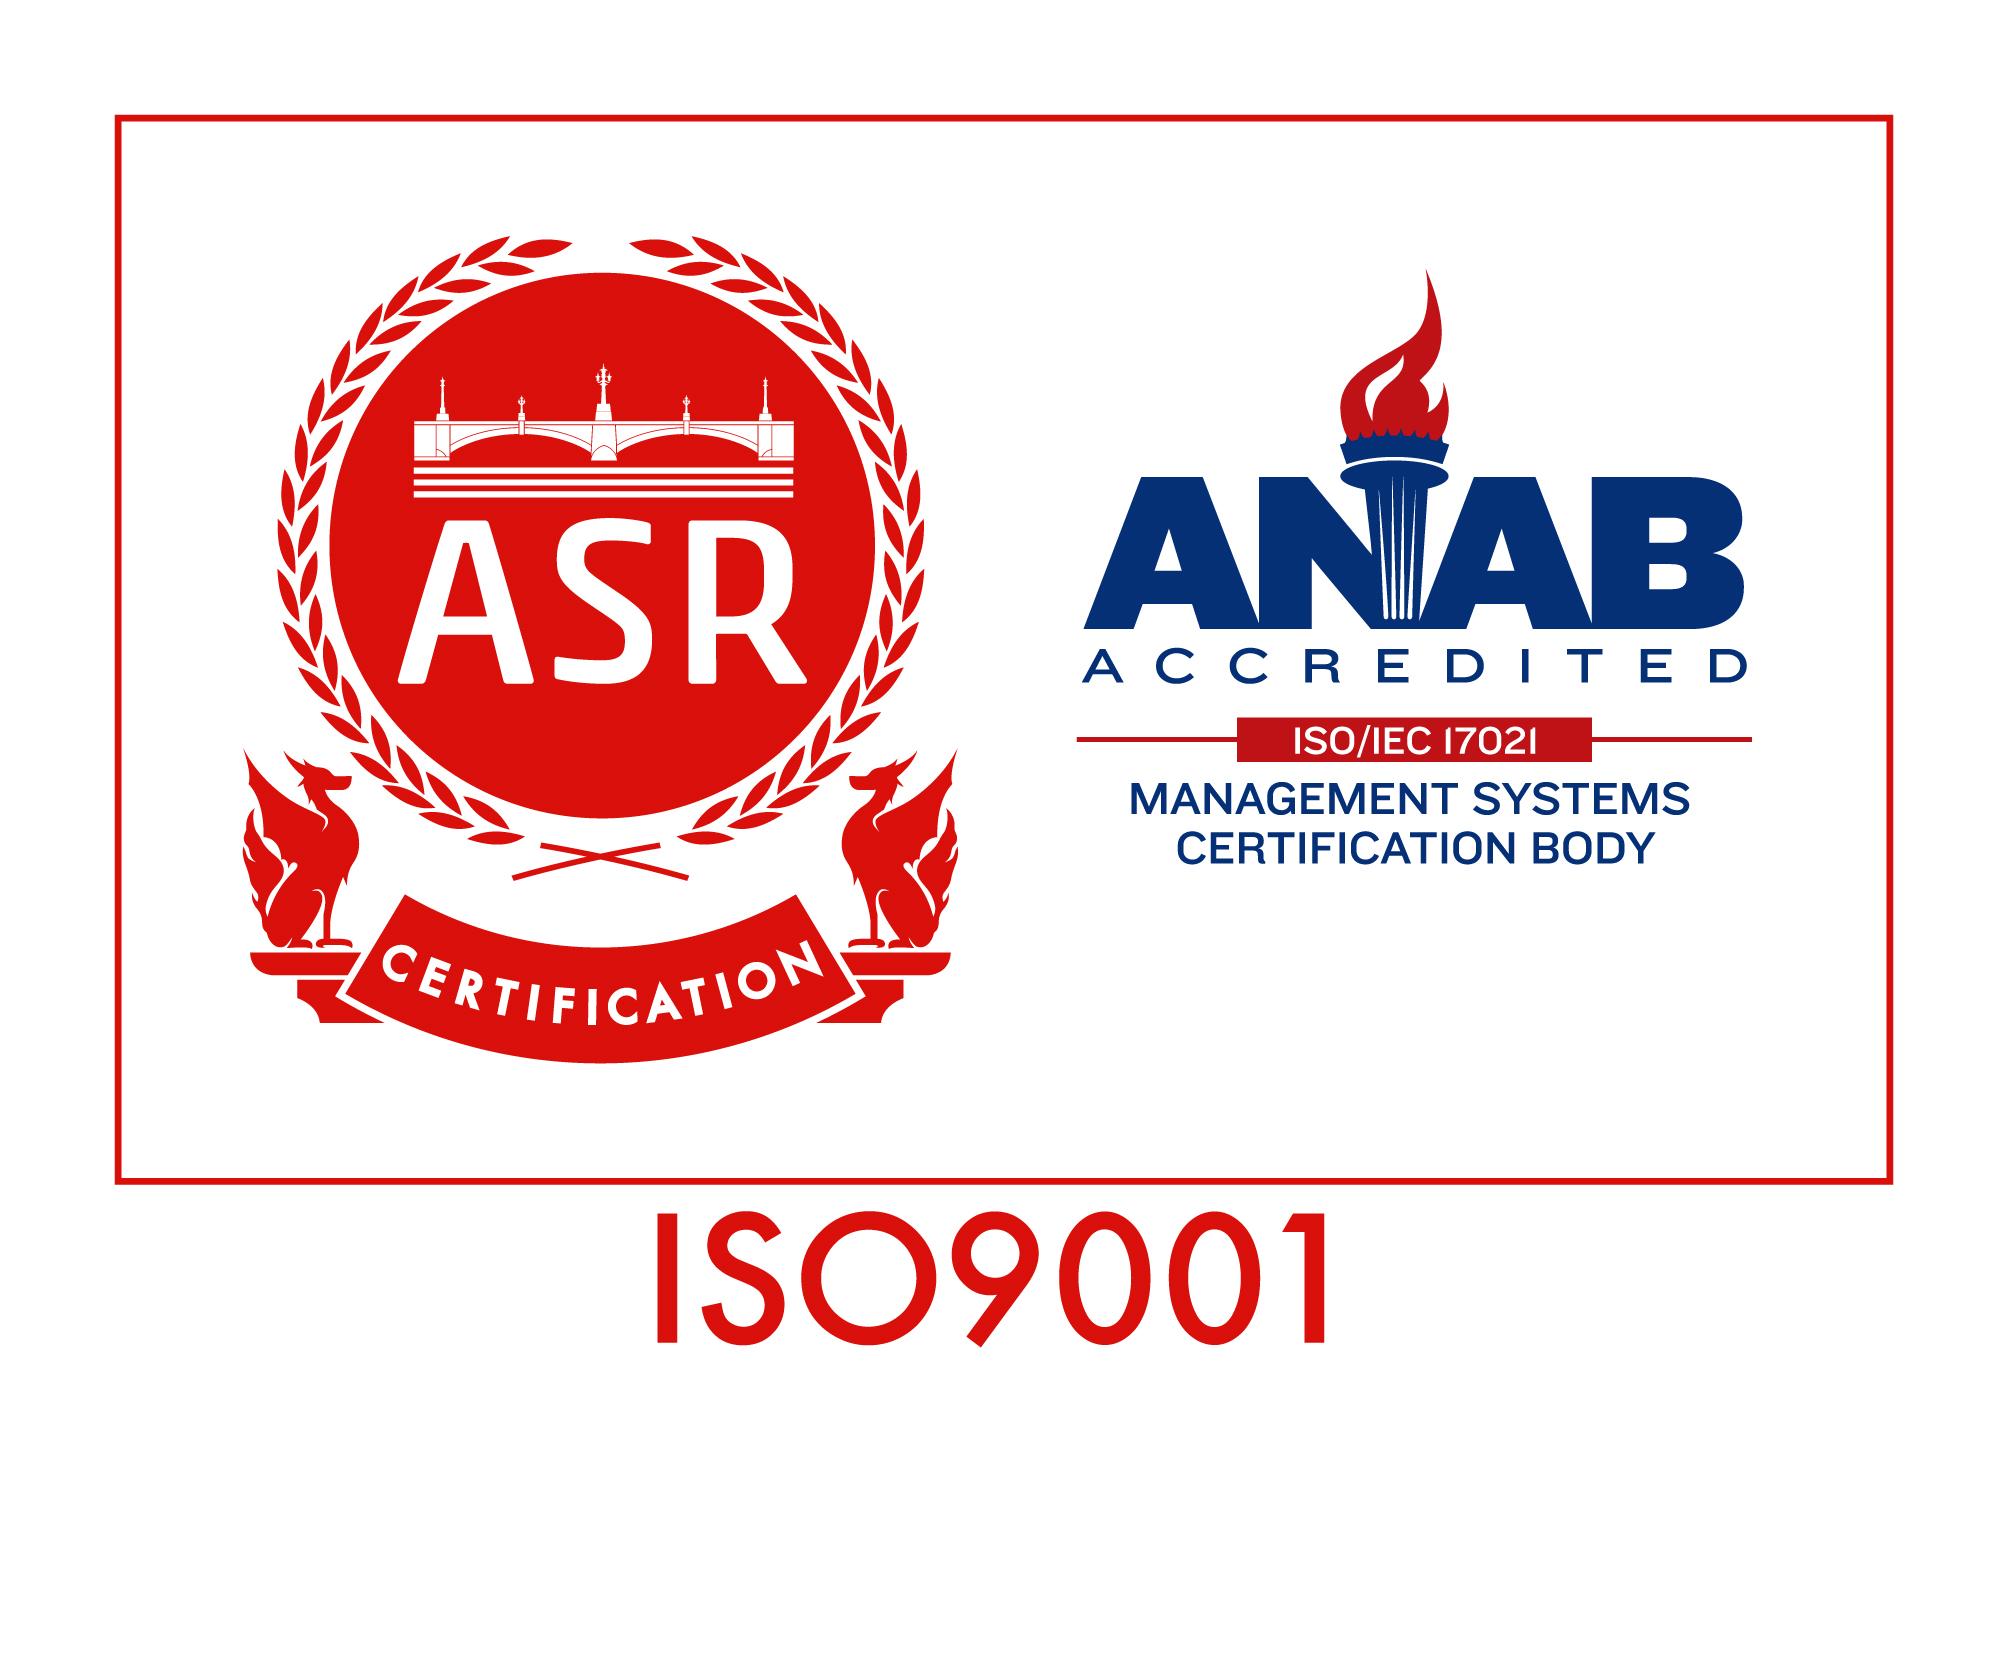 ASR_ANAB_9001_JPG.jpg